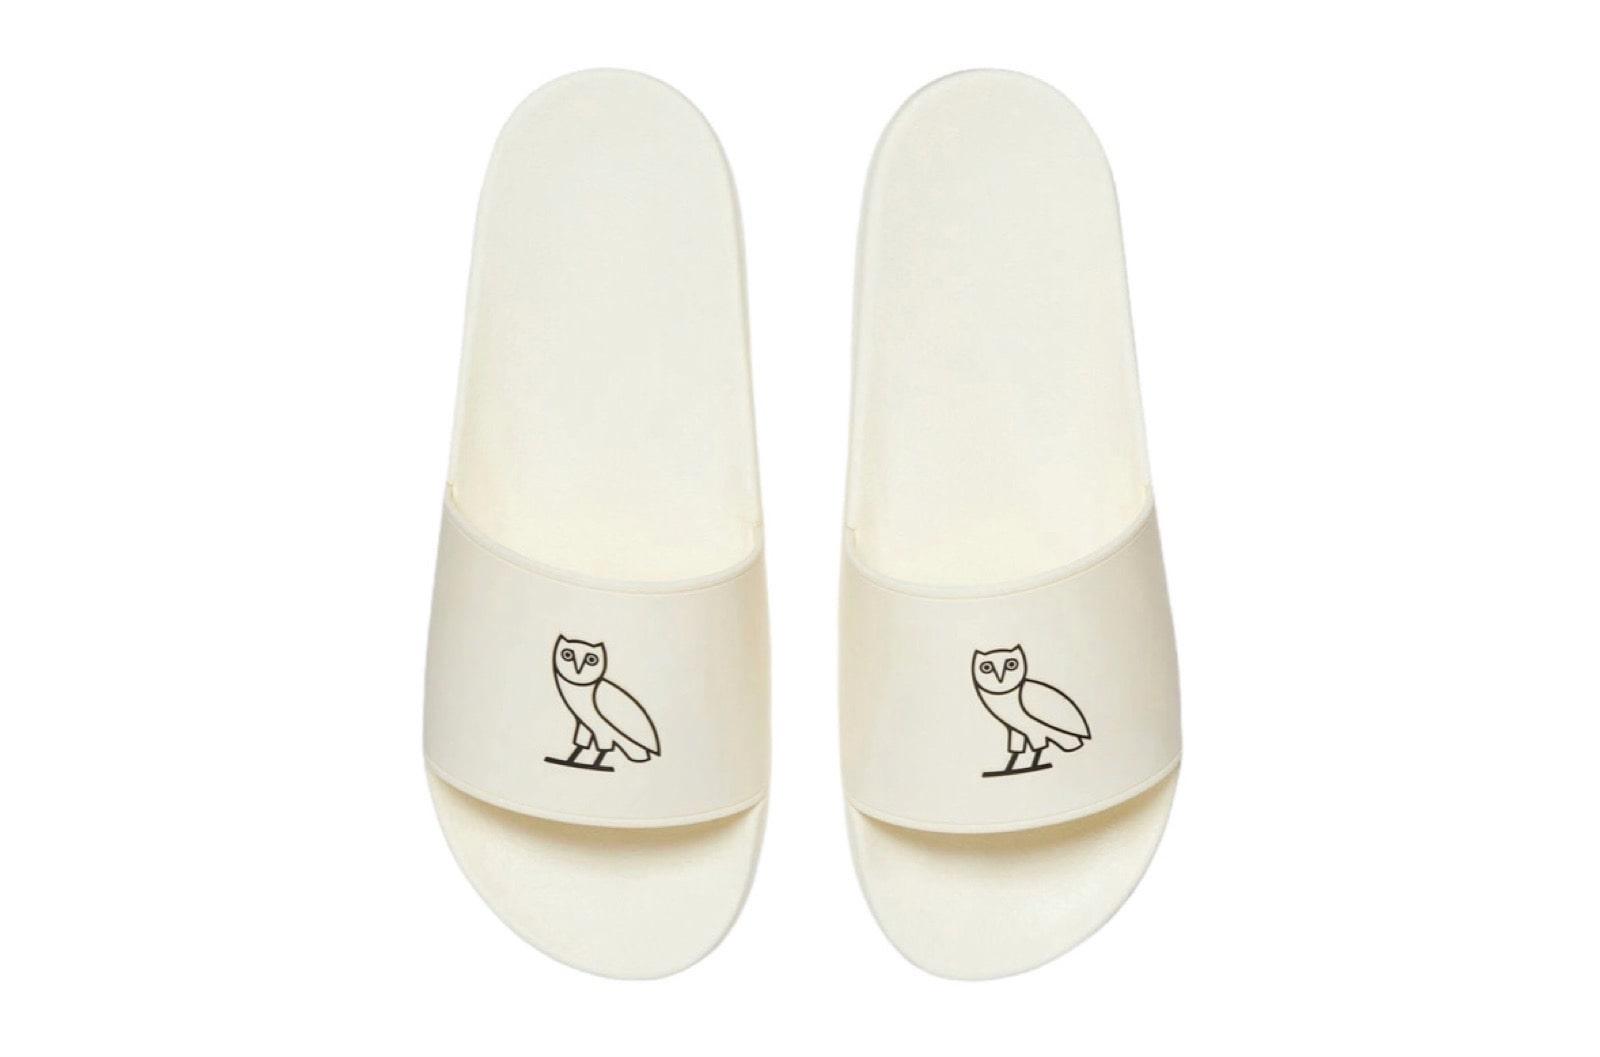 slide 2 - Owl Cream Slide